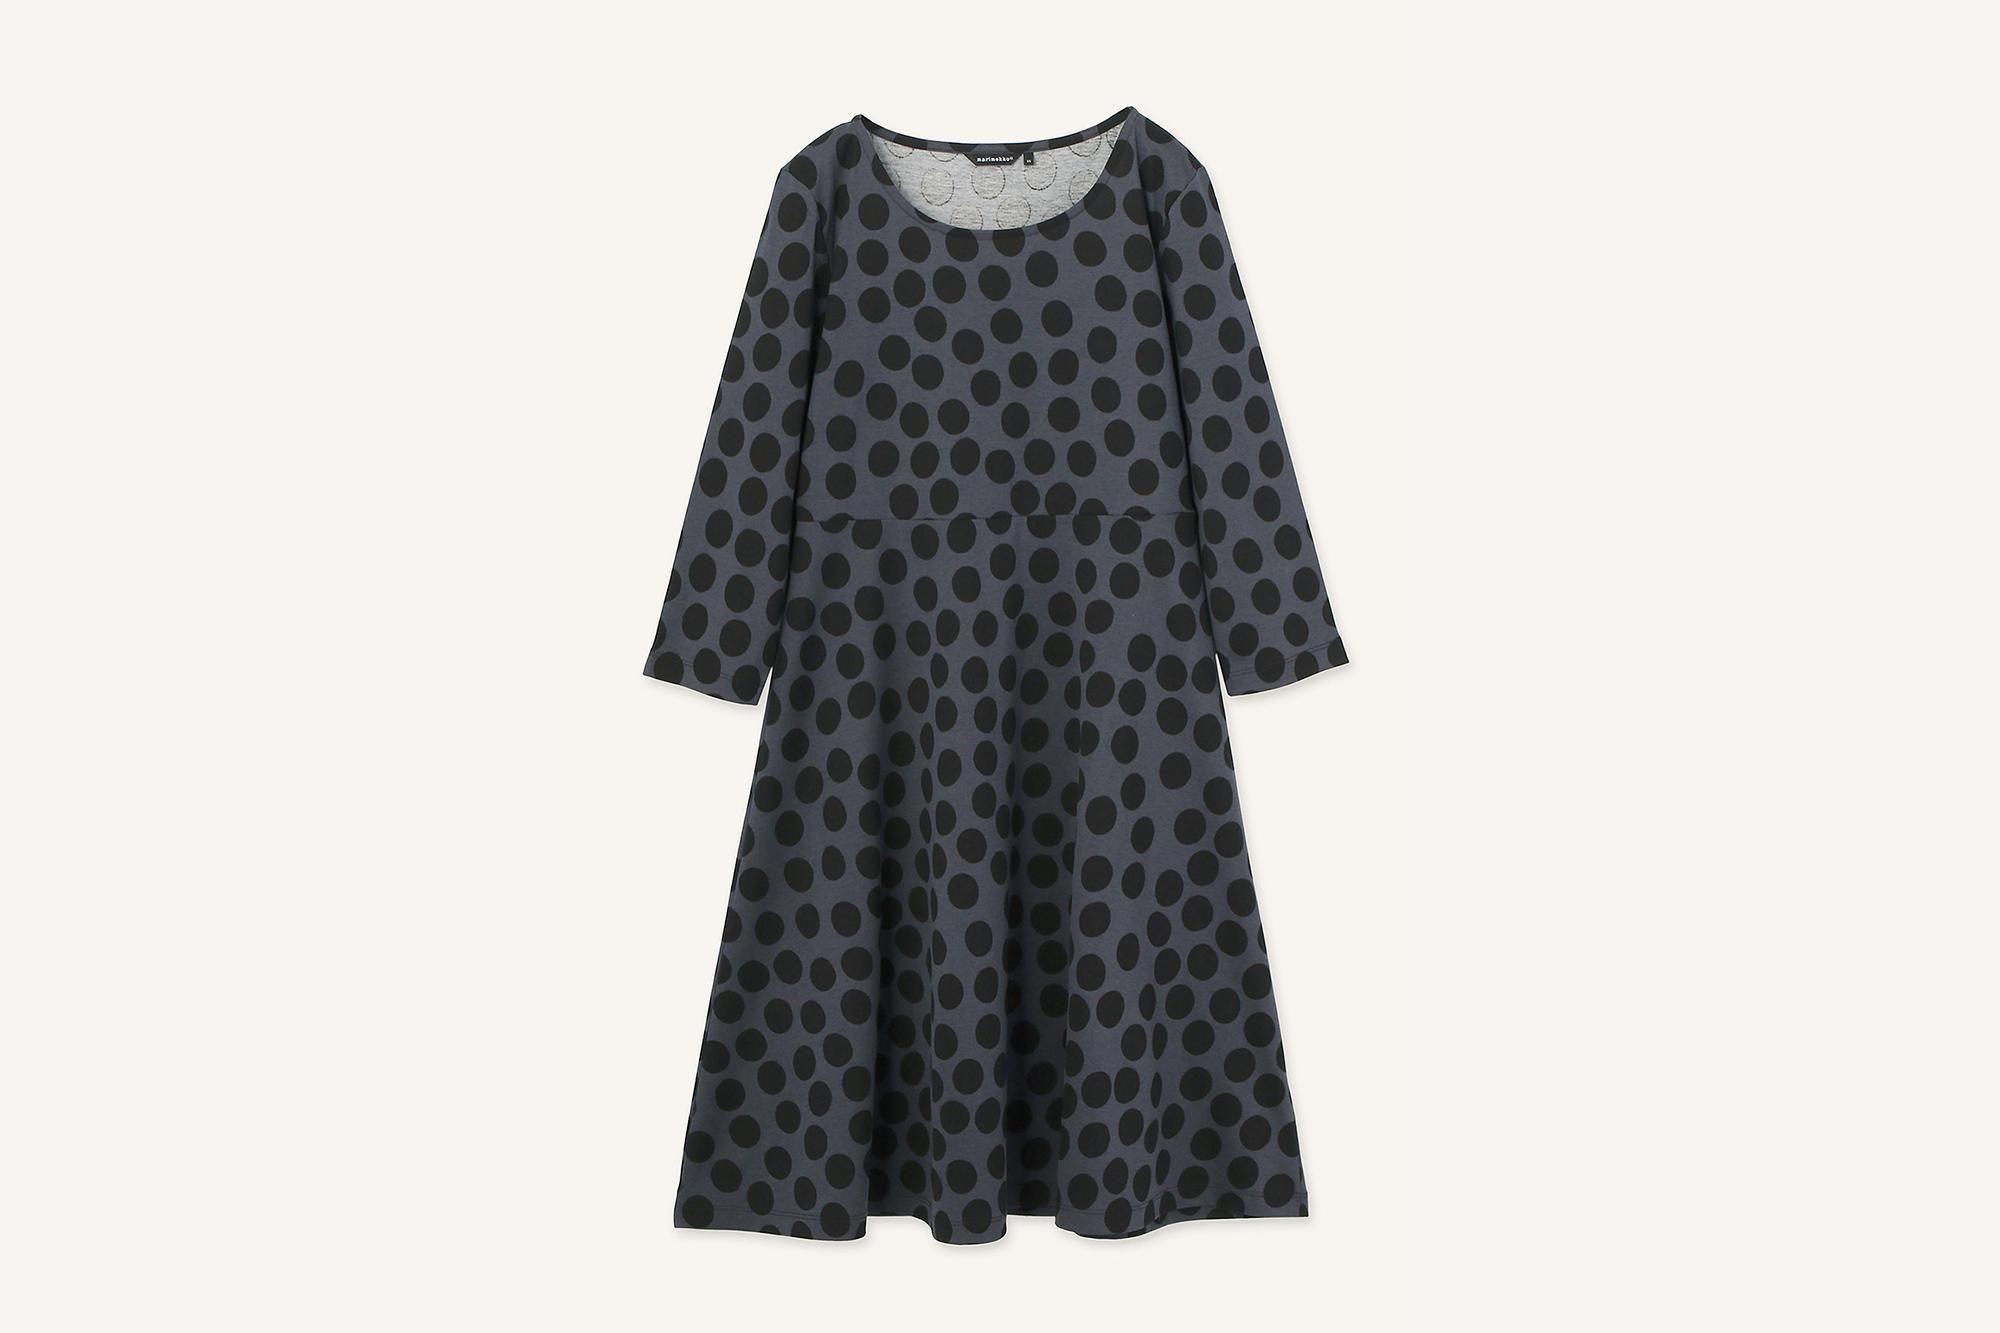 10.13-【公式オンラインストア限定】Olivia ワンピース